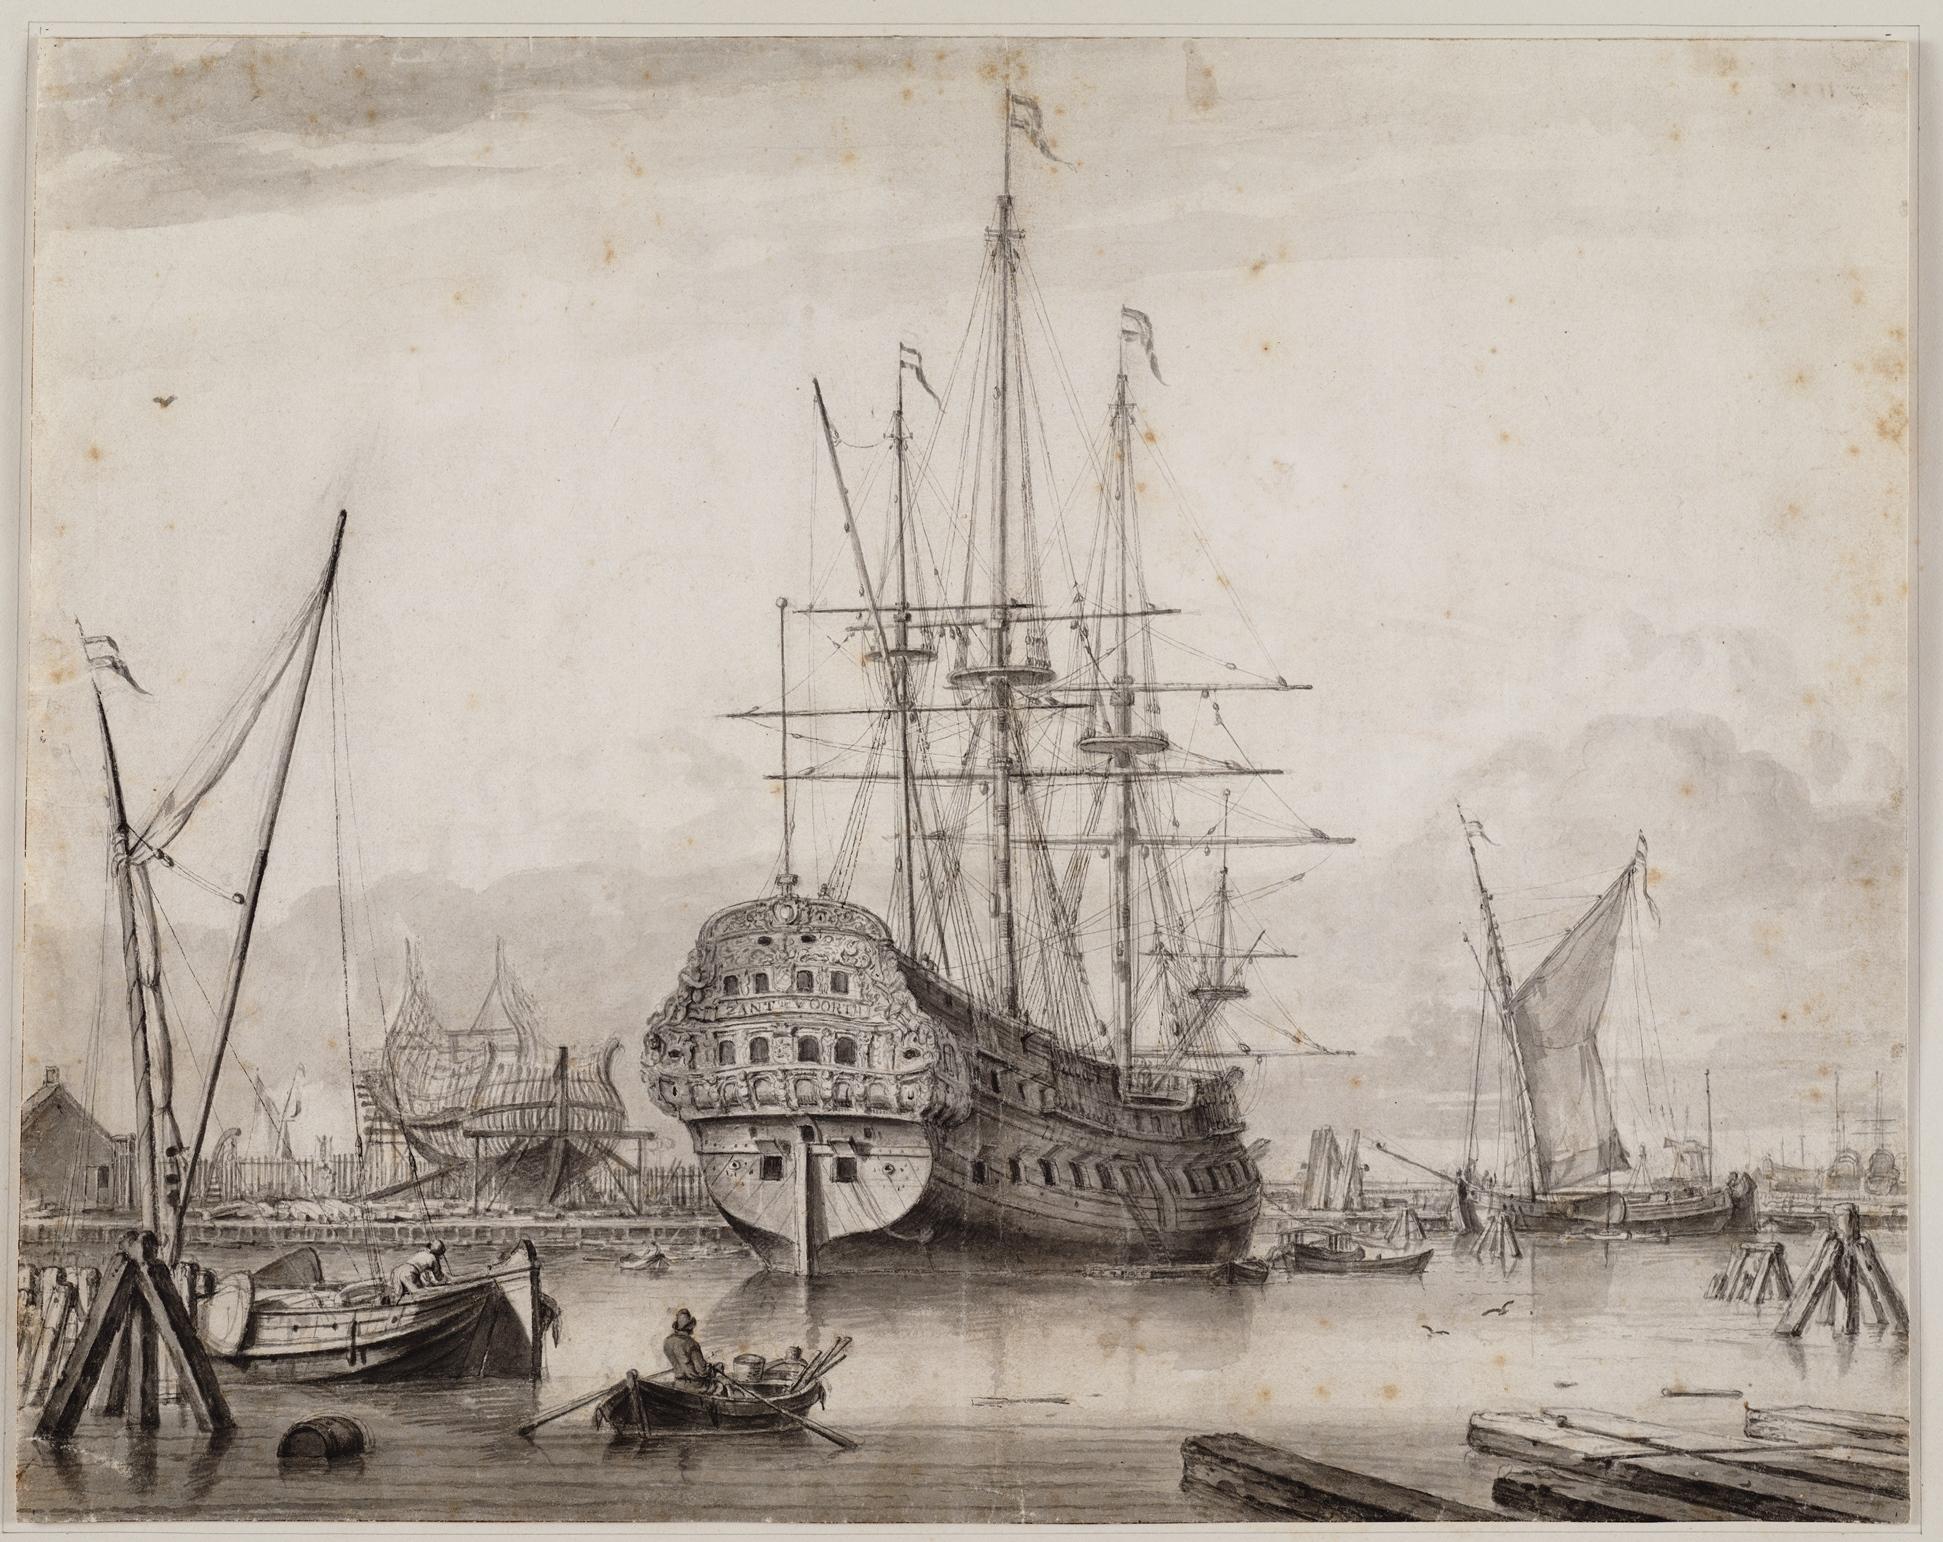 Het oorlogsschip Zantvoort